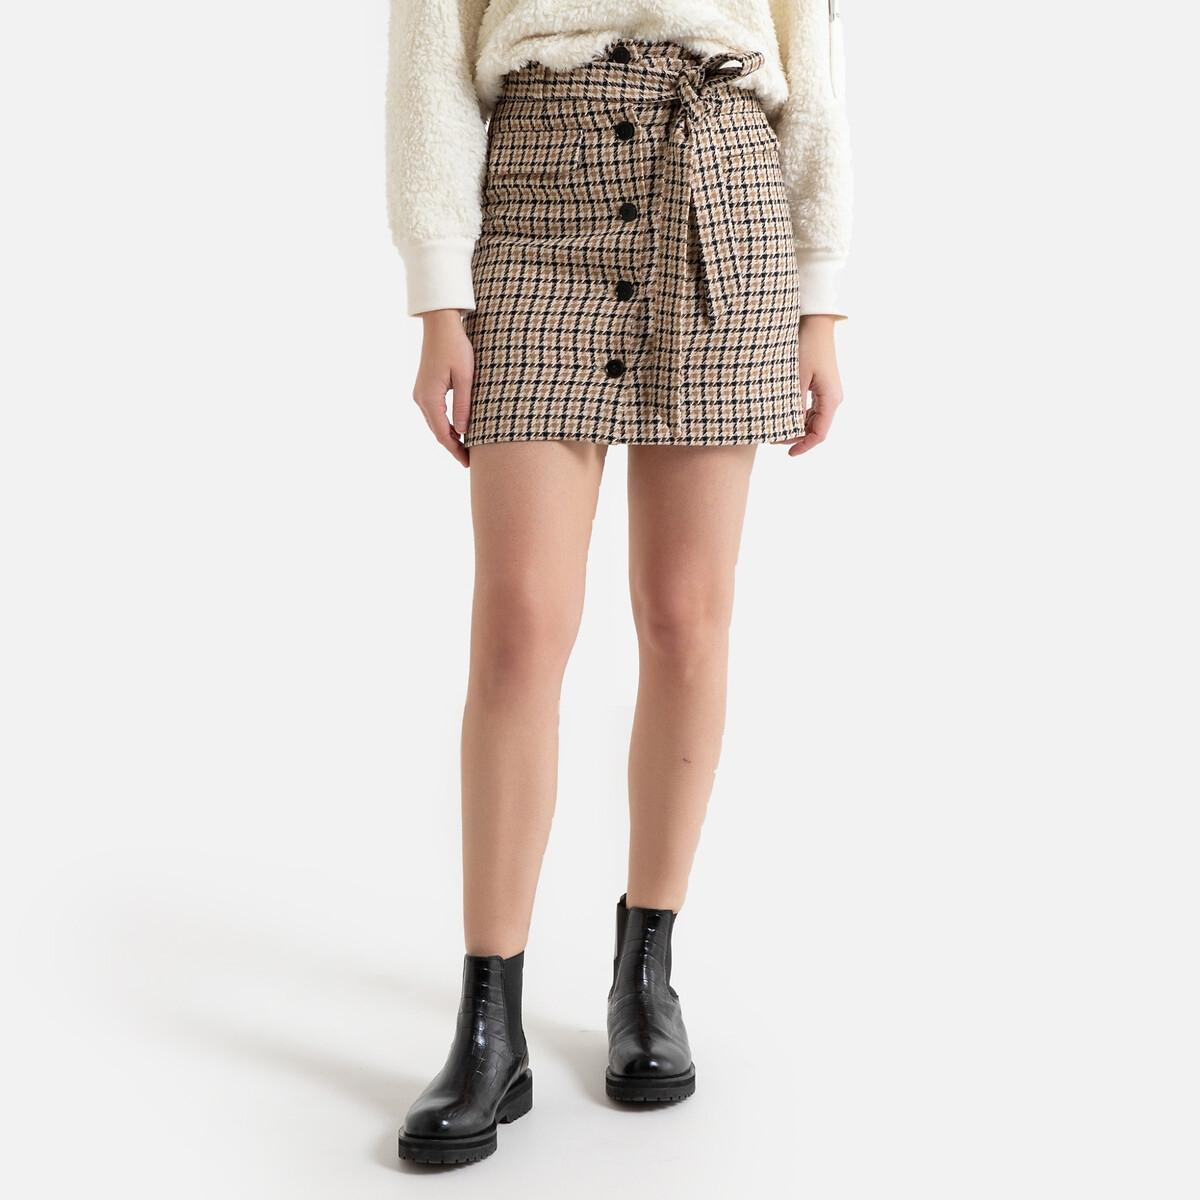 Юбка La Redoute Короткая в клетку с застежкой на пуговицы 2(M) бежевый юбка жаккардовая короткая